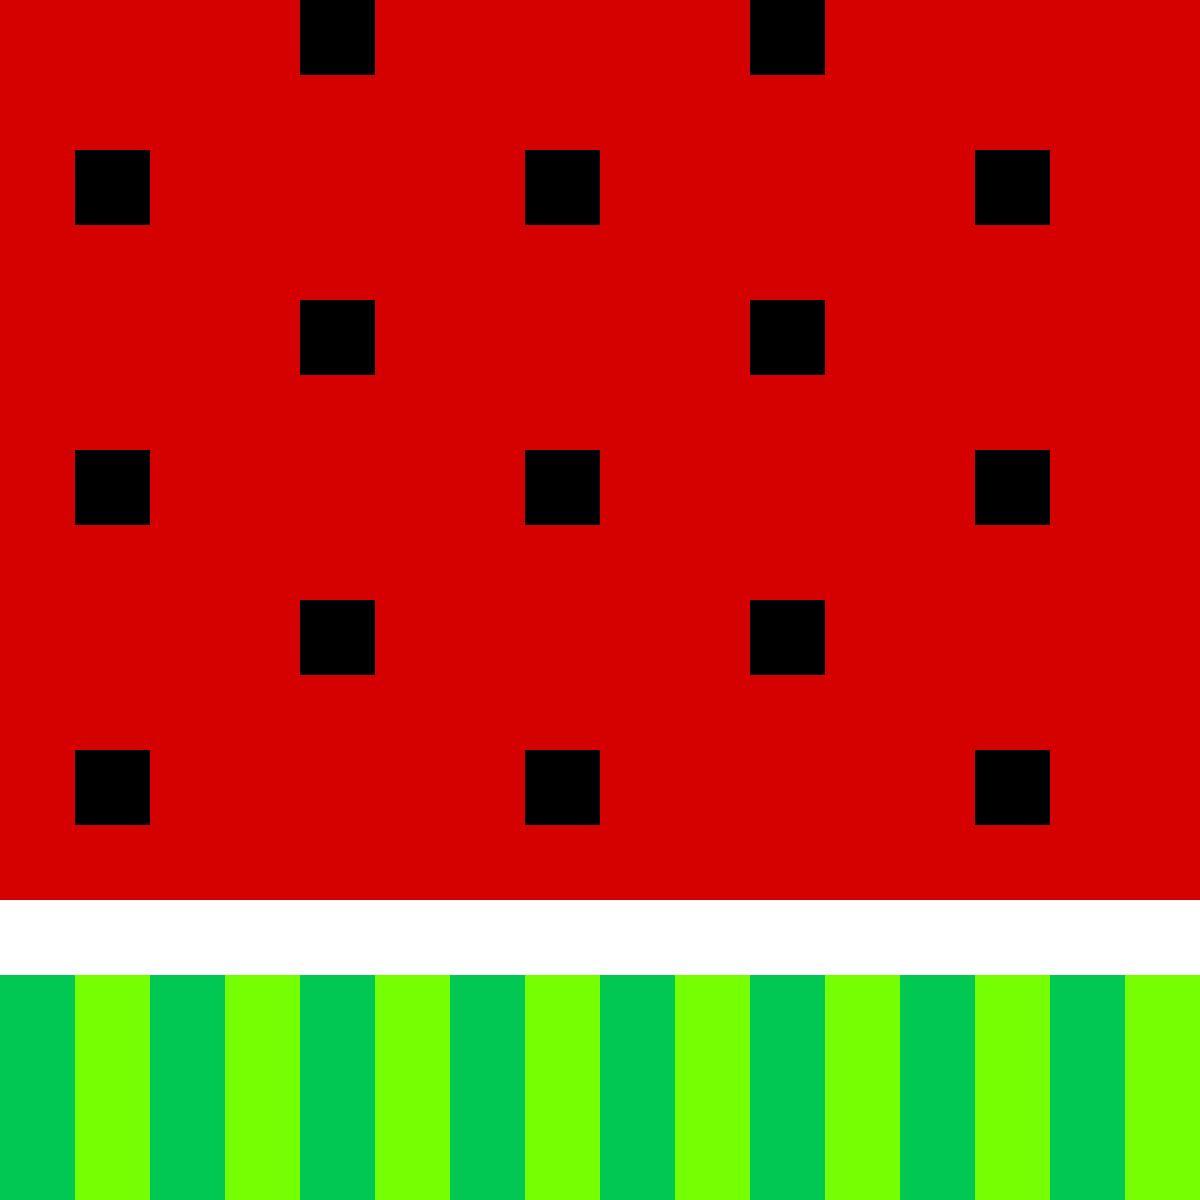 Watermelon by Sarahnity